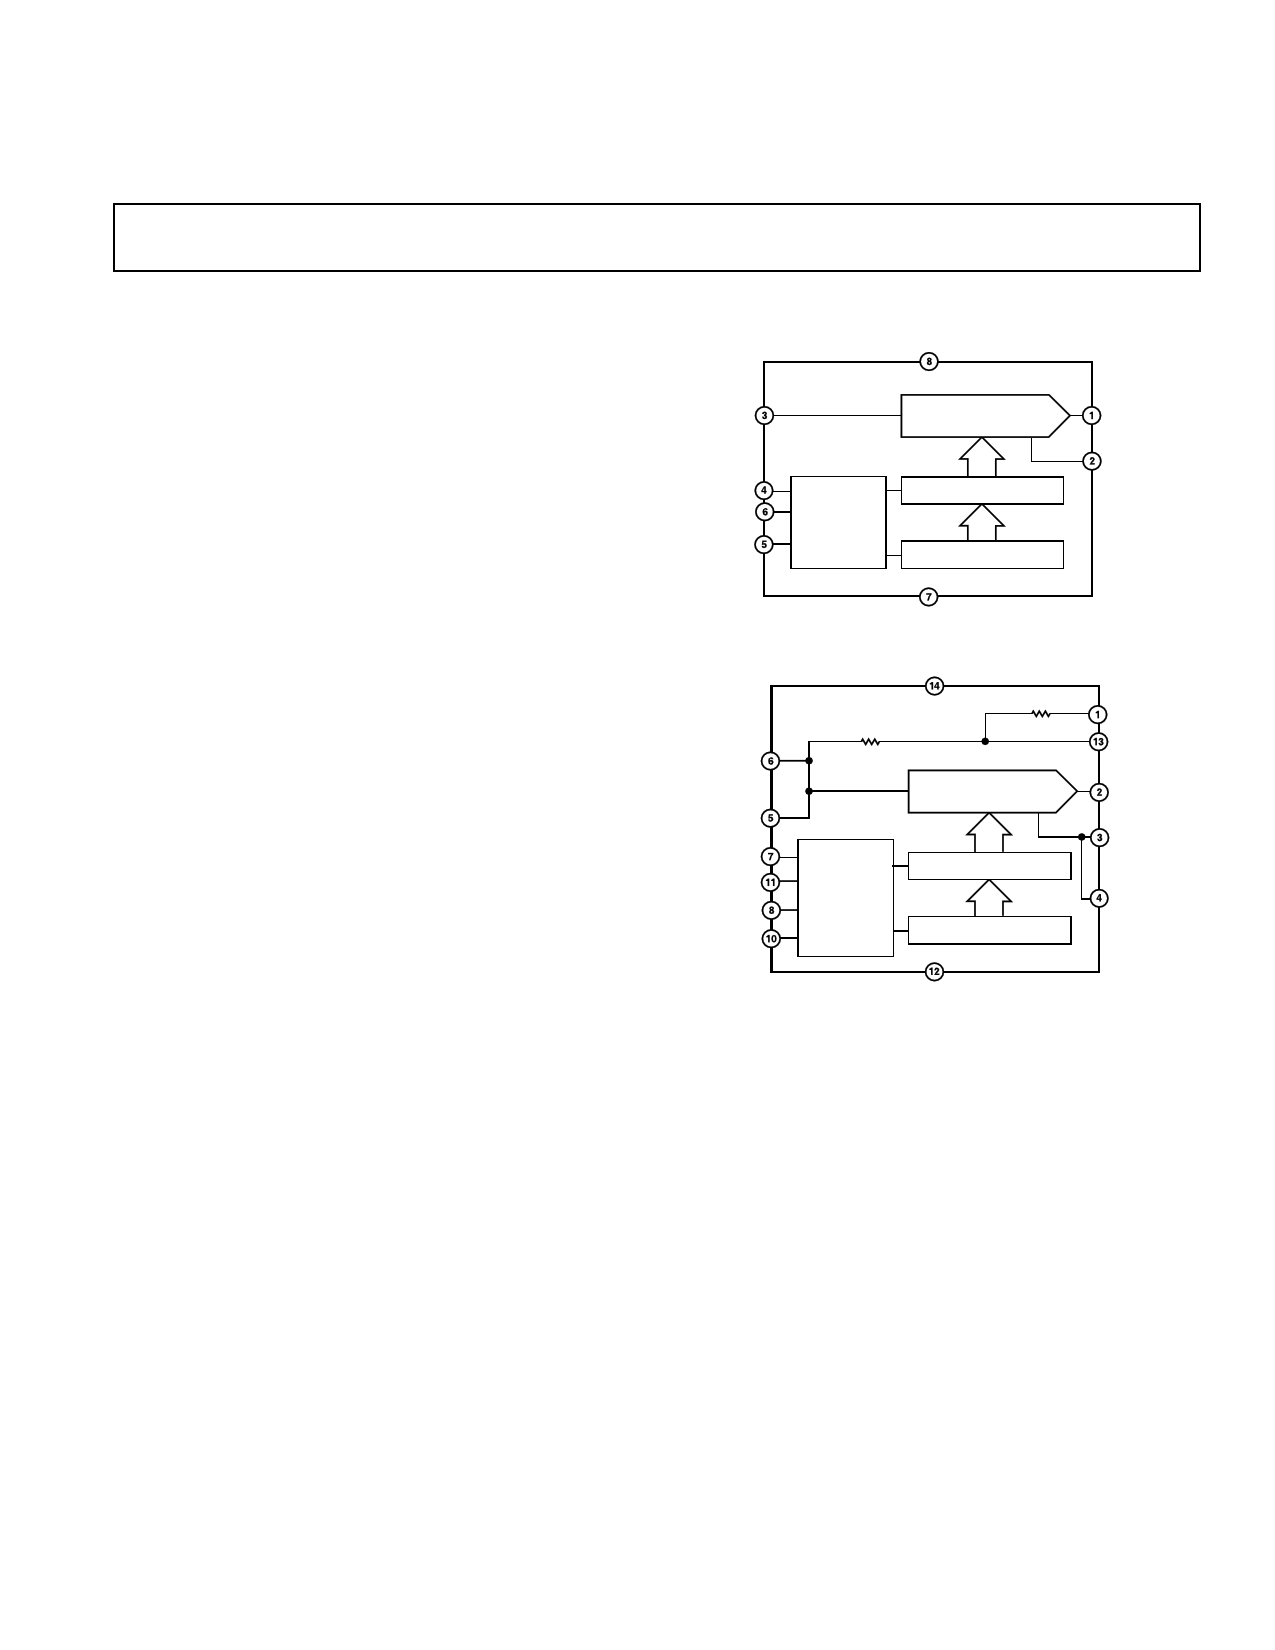 AD5551 Hoja de datos, Descripción, Manual